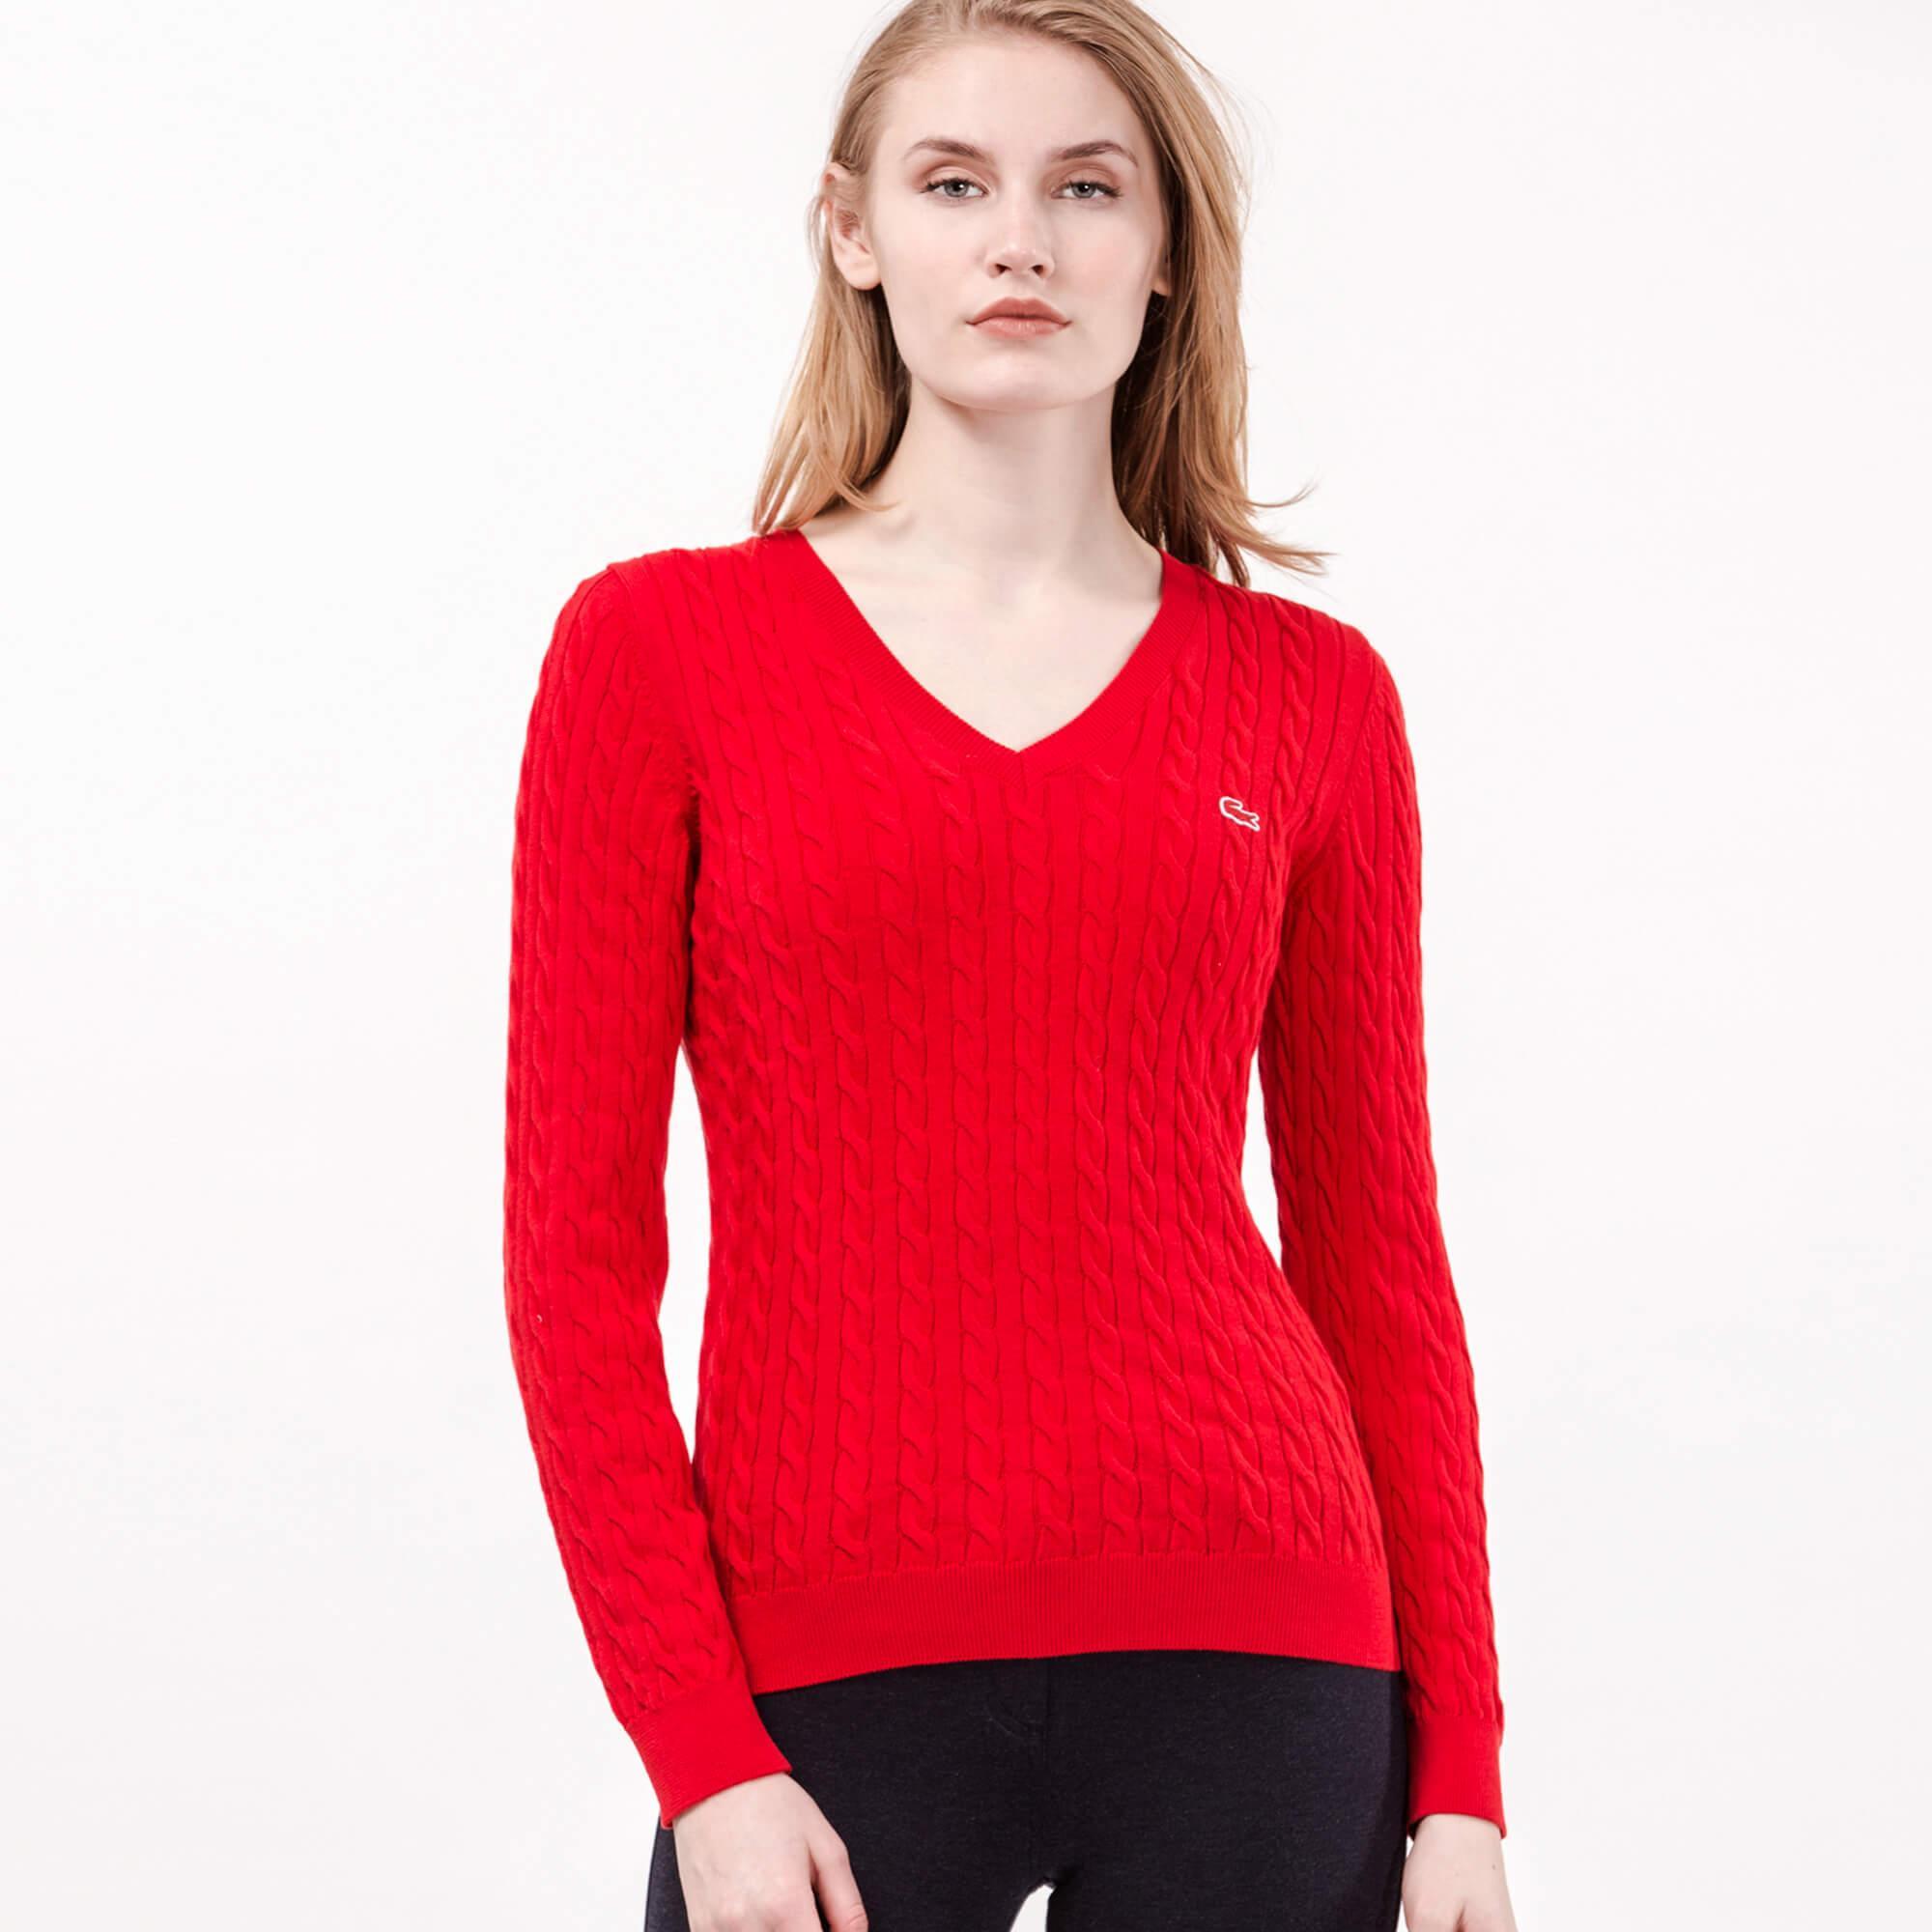 Lacoste Kadın V Yaka Kırmızı Triko